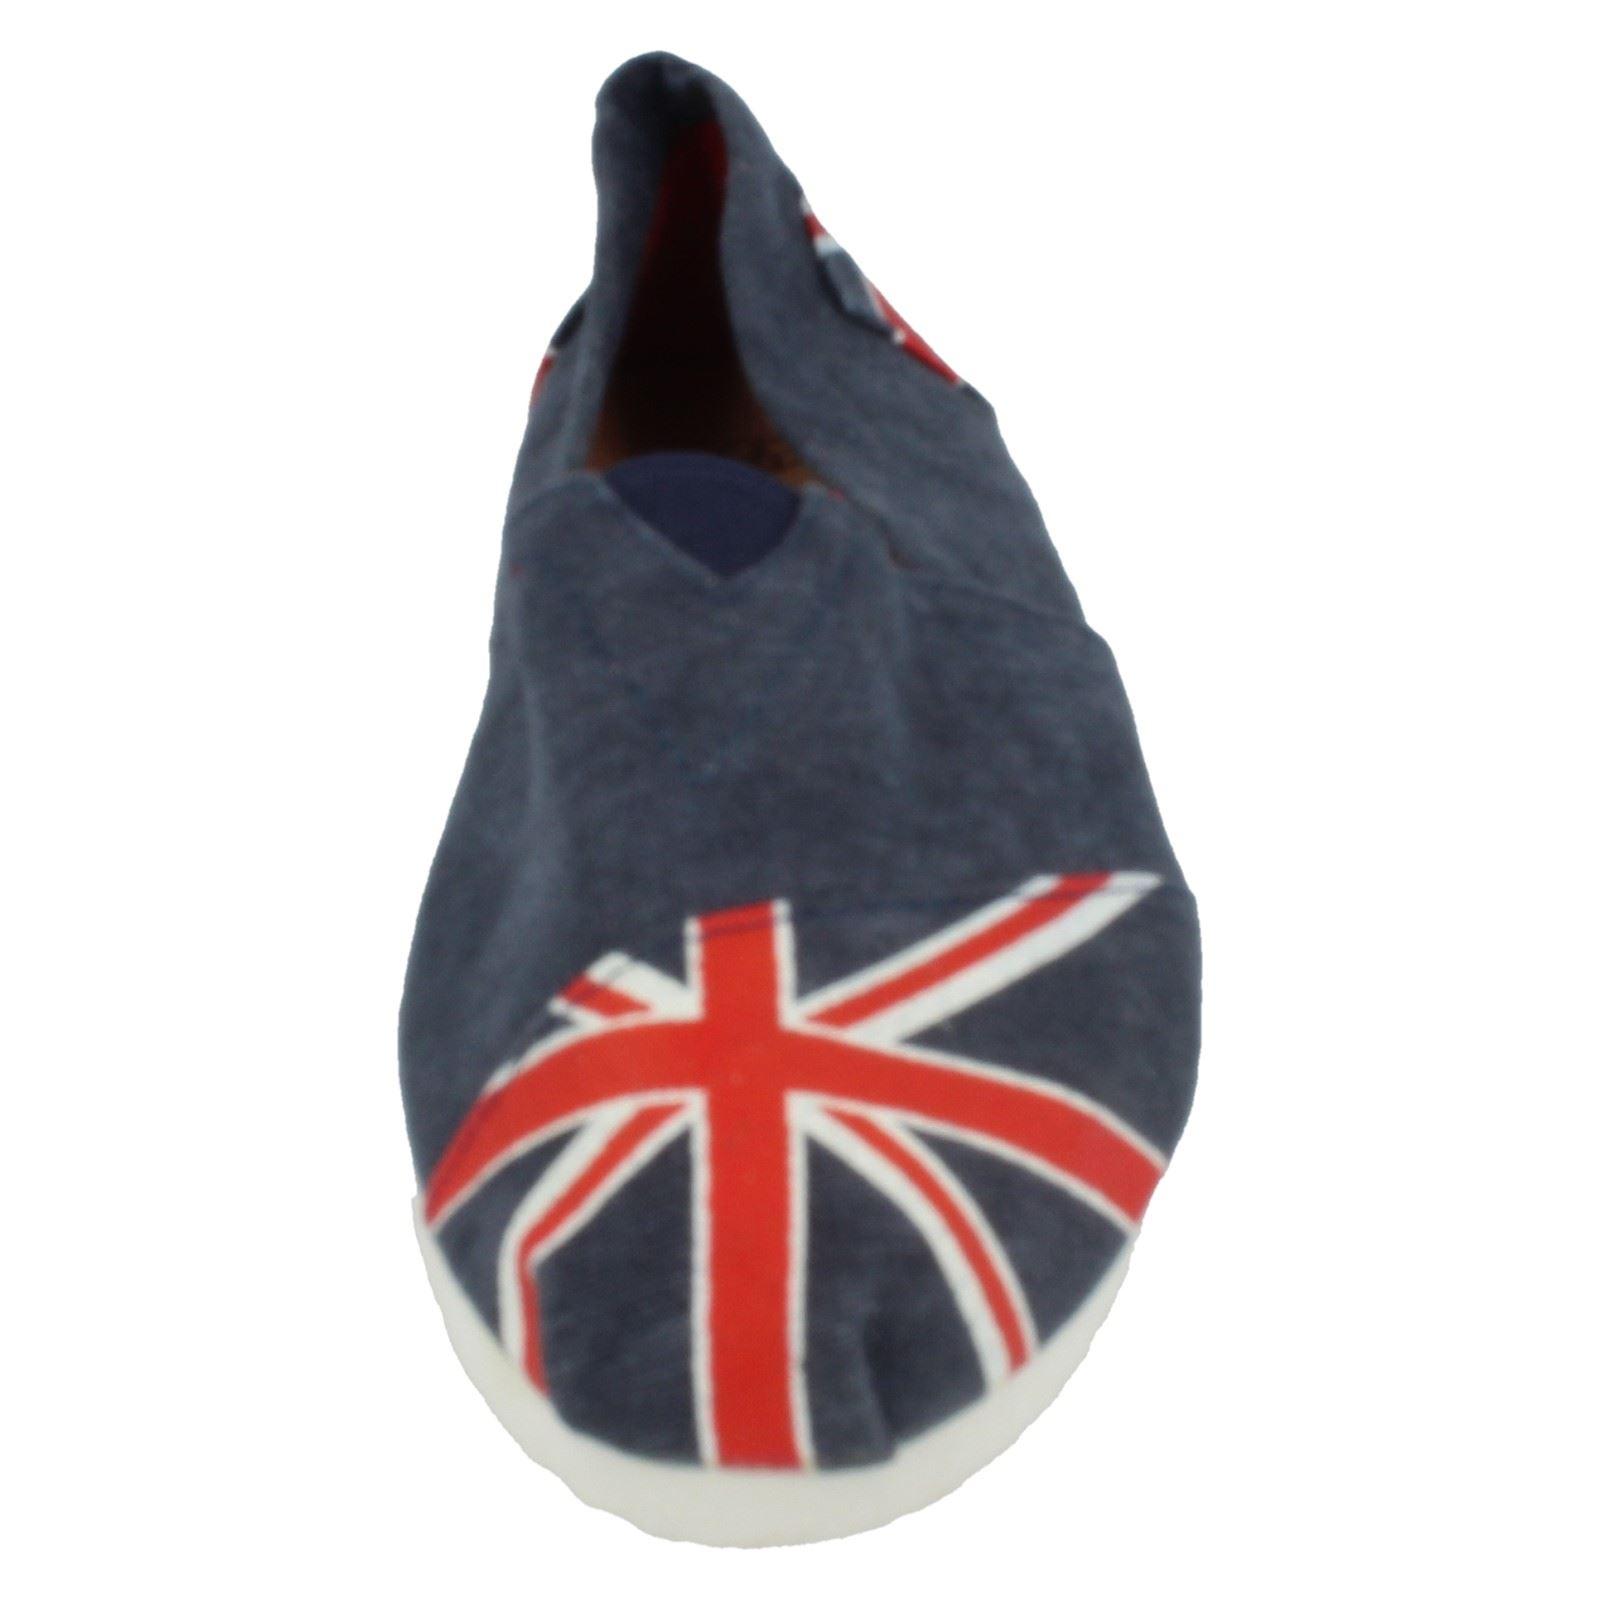 Chicos mancha en la etiqueta de Zapatos de lona N1055 ~ N